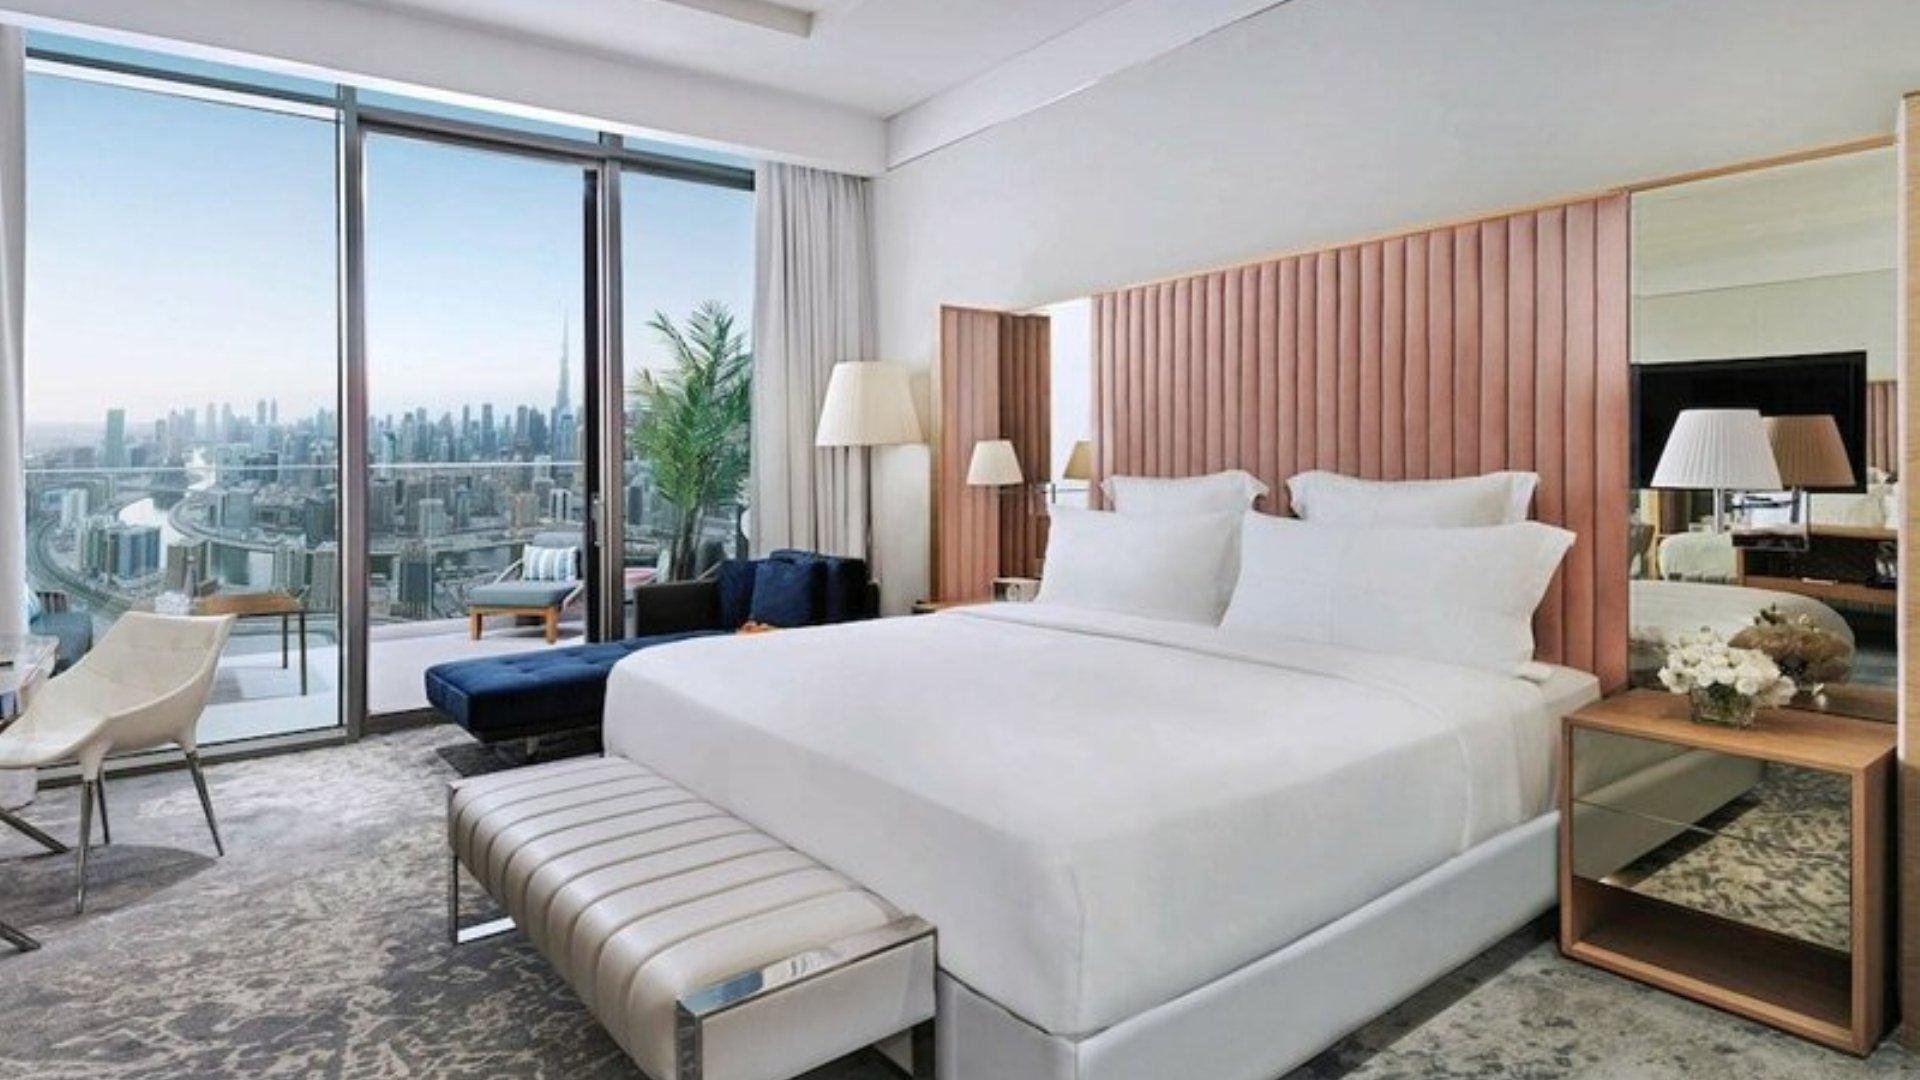 Apartamento en venta en Dubai, EAU, estudio, 62 m2, № 24347 – foto 1